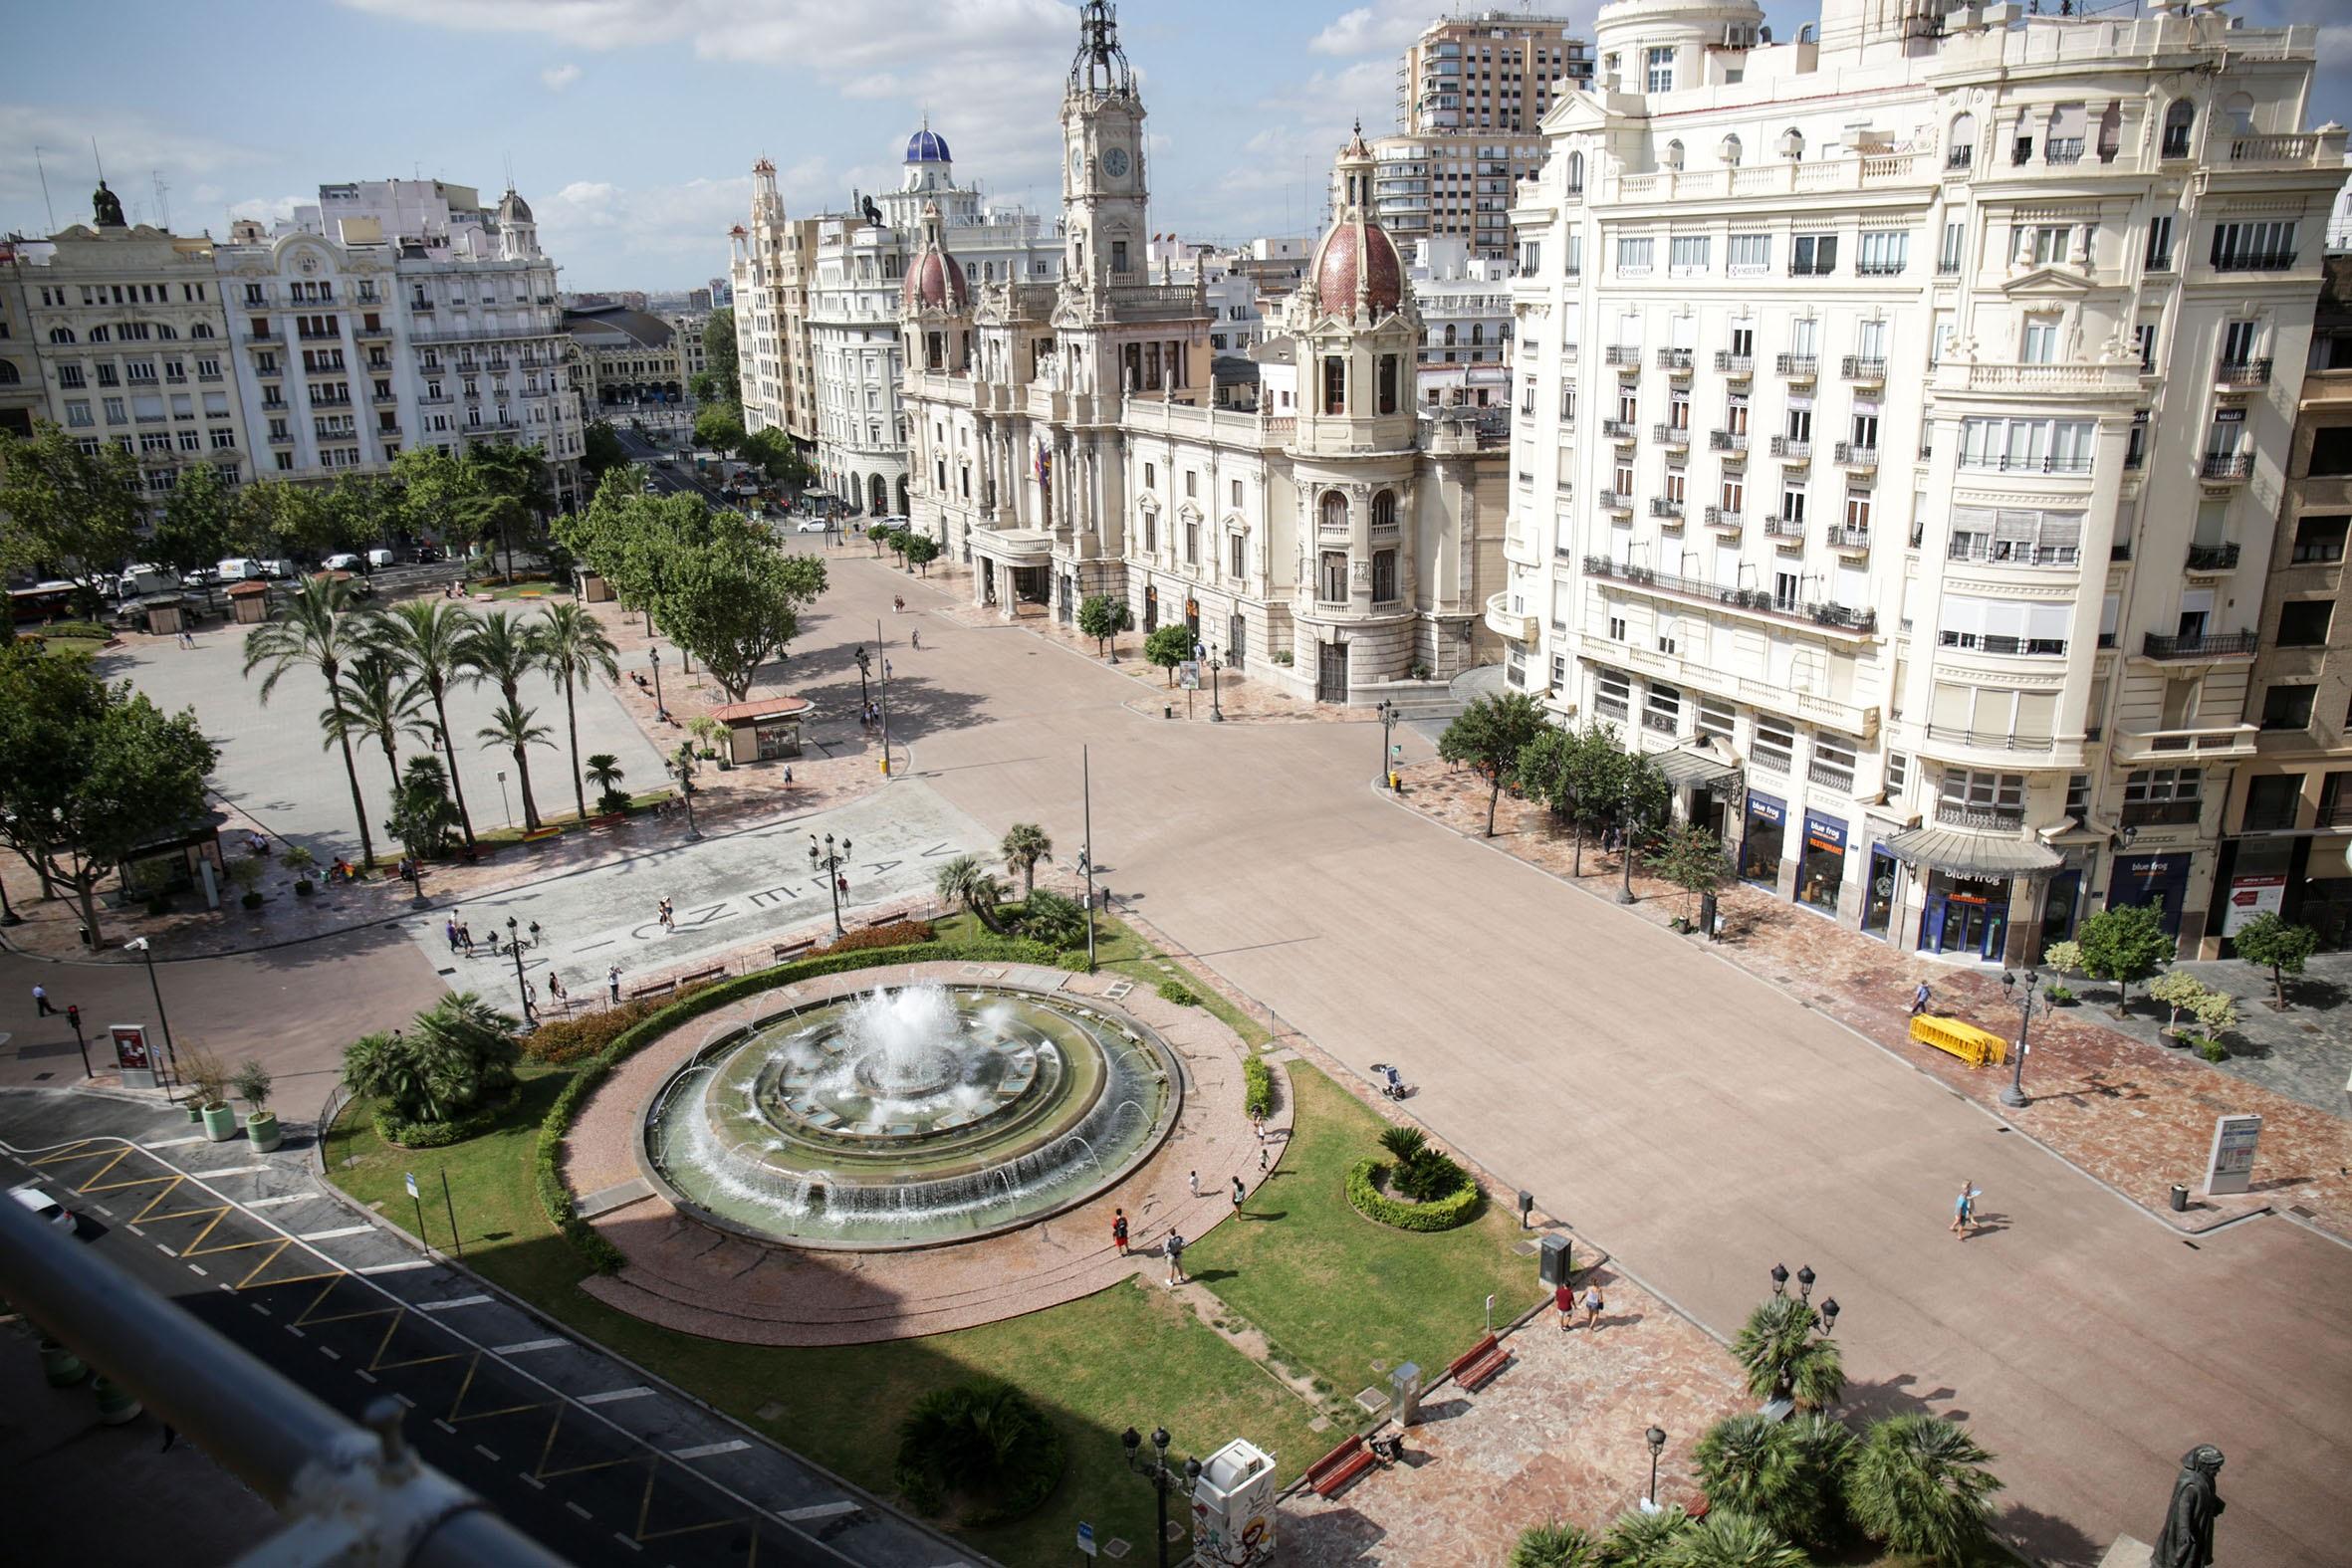 PP ampliará la denuncia a Antifraude por el fraccionamiento de contratos de la plaza del Ayuntamiento